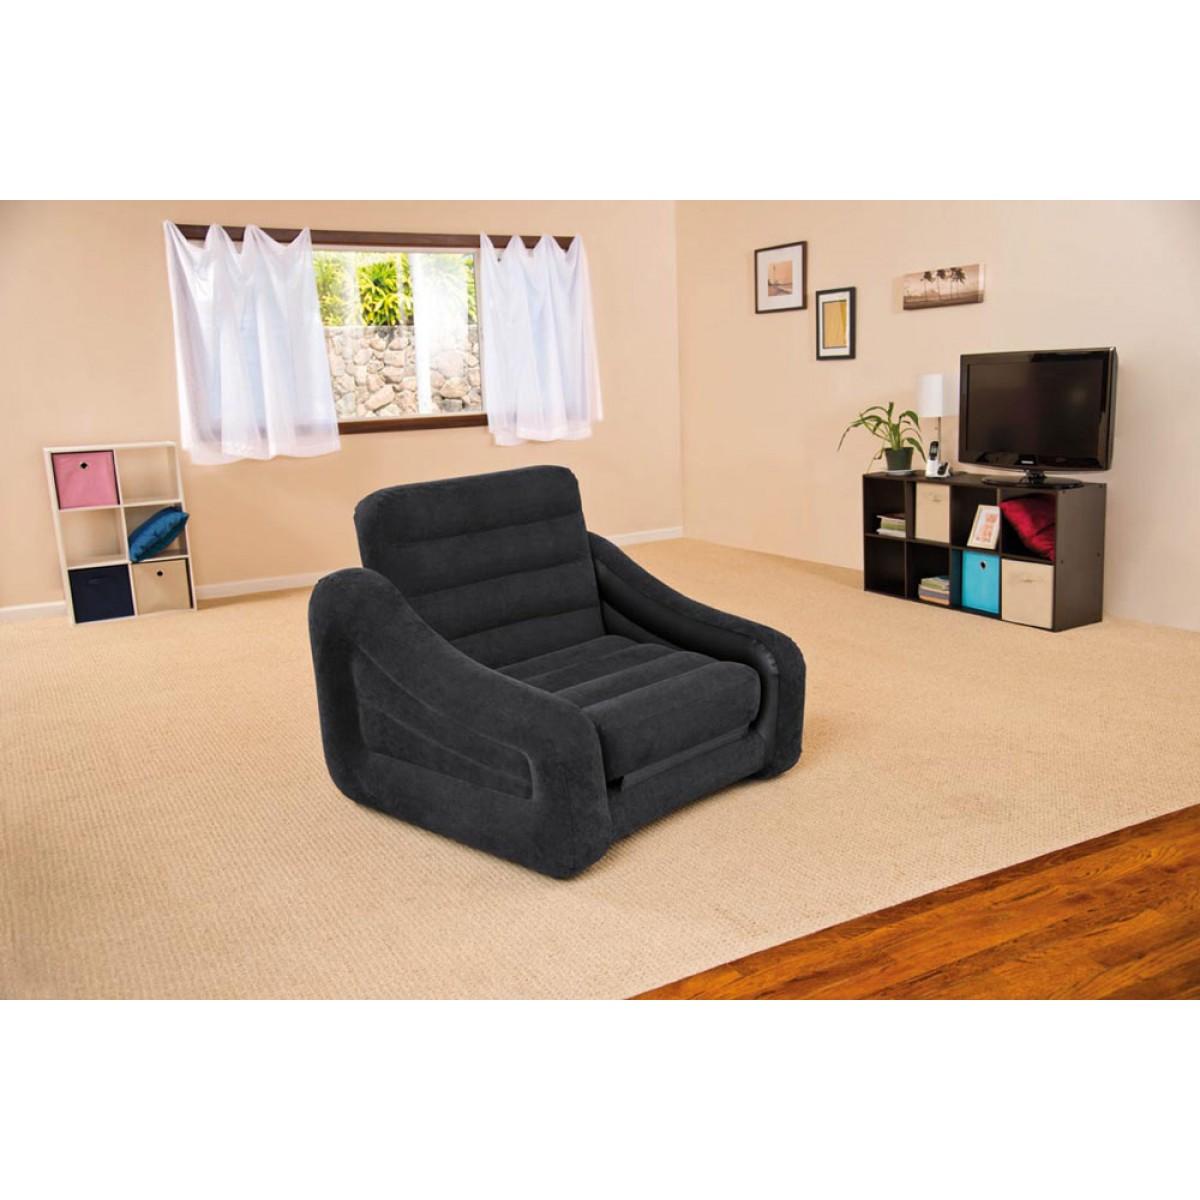 Sofa bed materasso intex gonfiabile divano poltrona 68565 ...